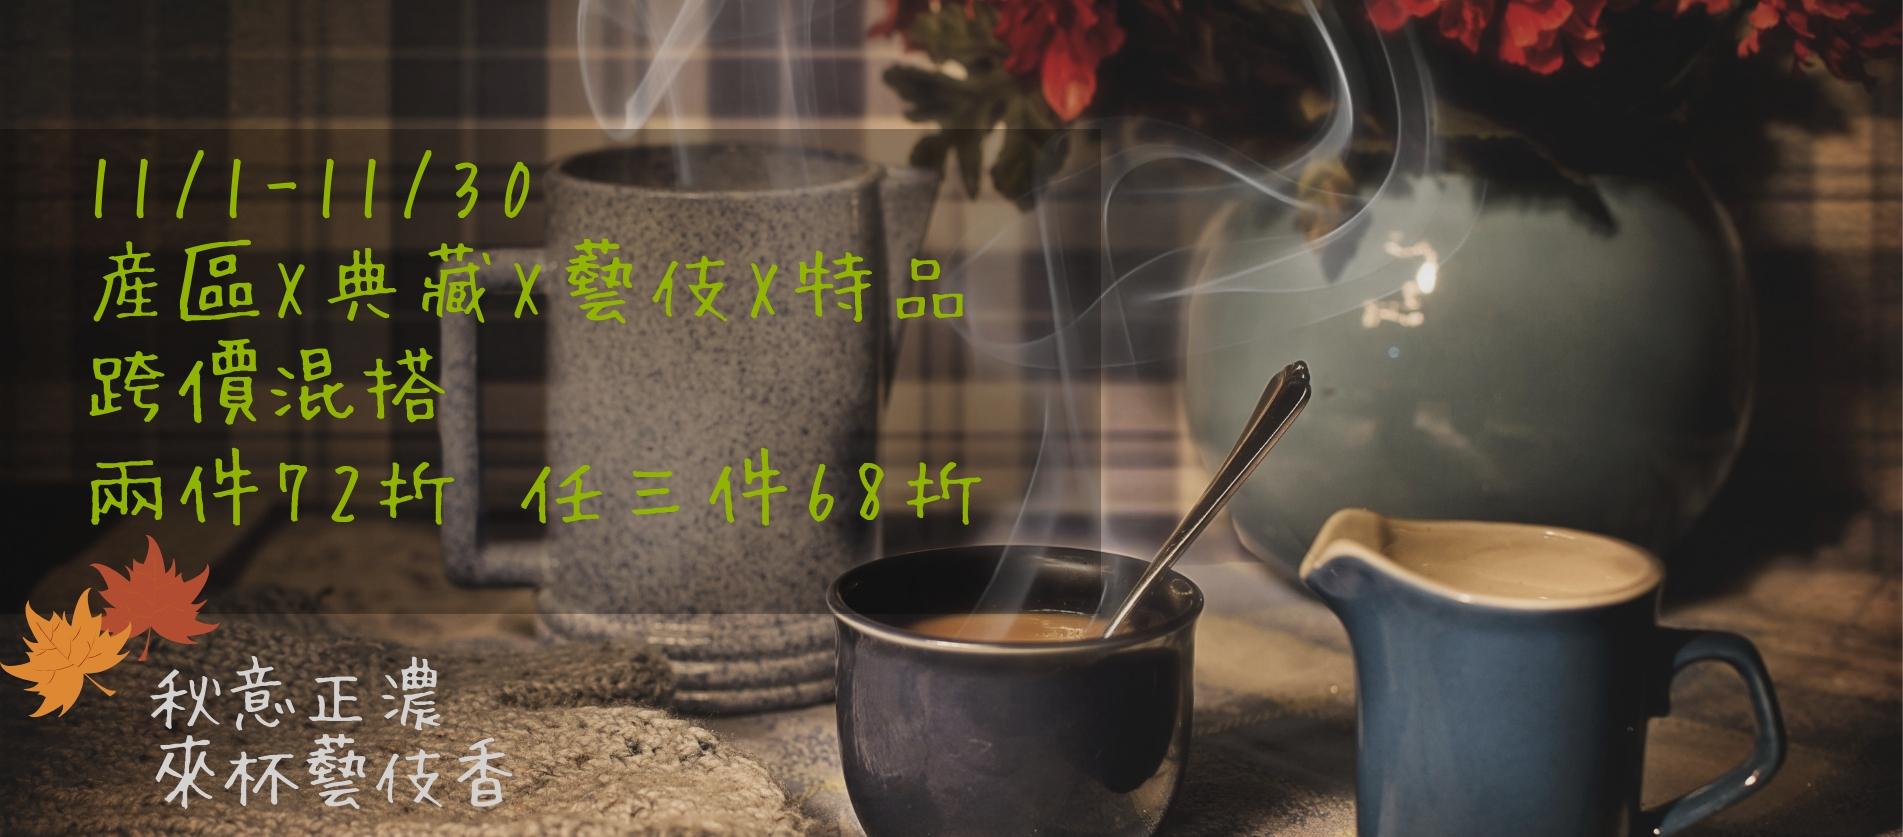 藝妓/特品咖啡豆活動